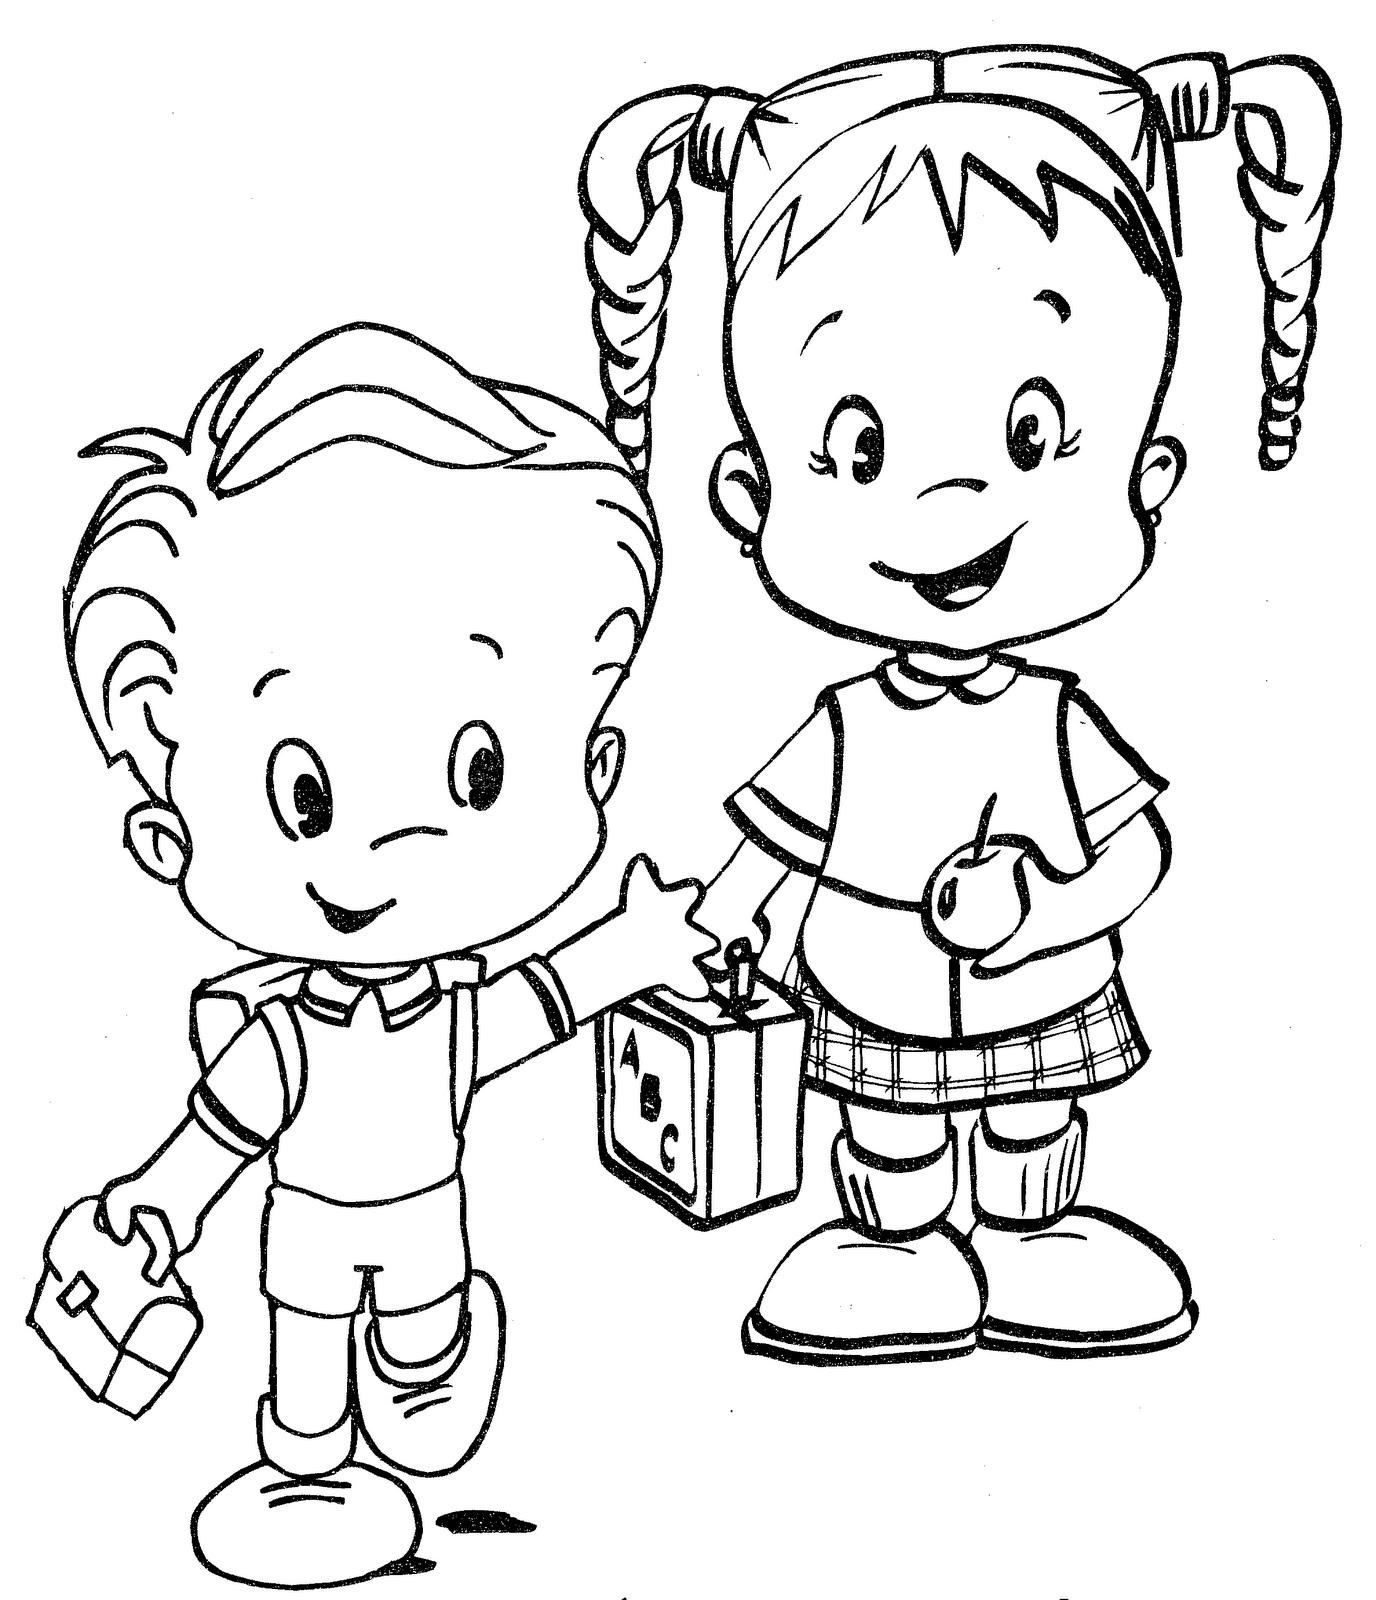 Colorea tus dibujos ni os regresando a clases para - Ninos en clase dibujo ...